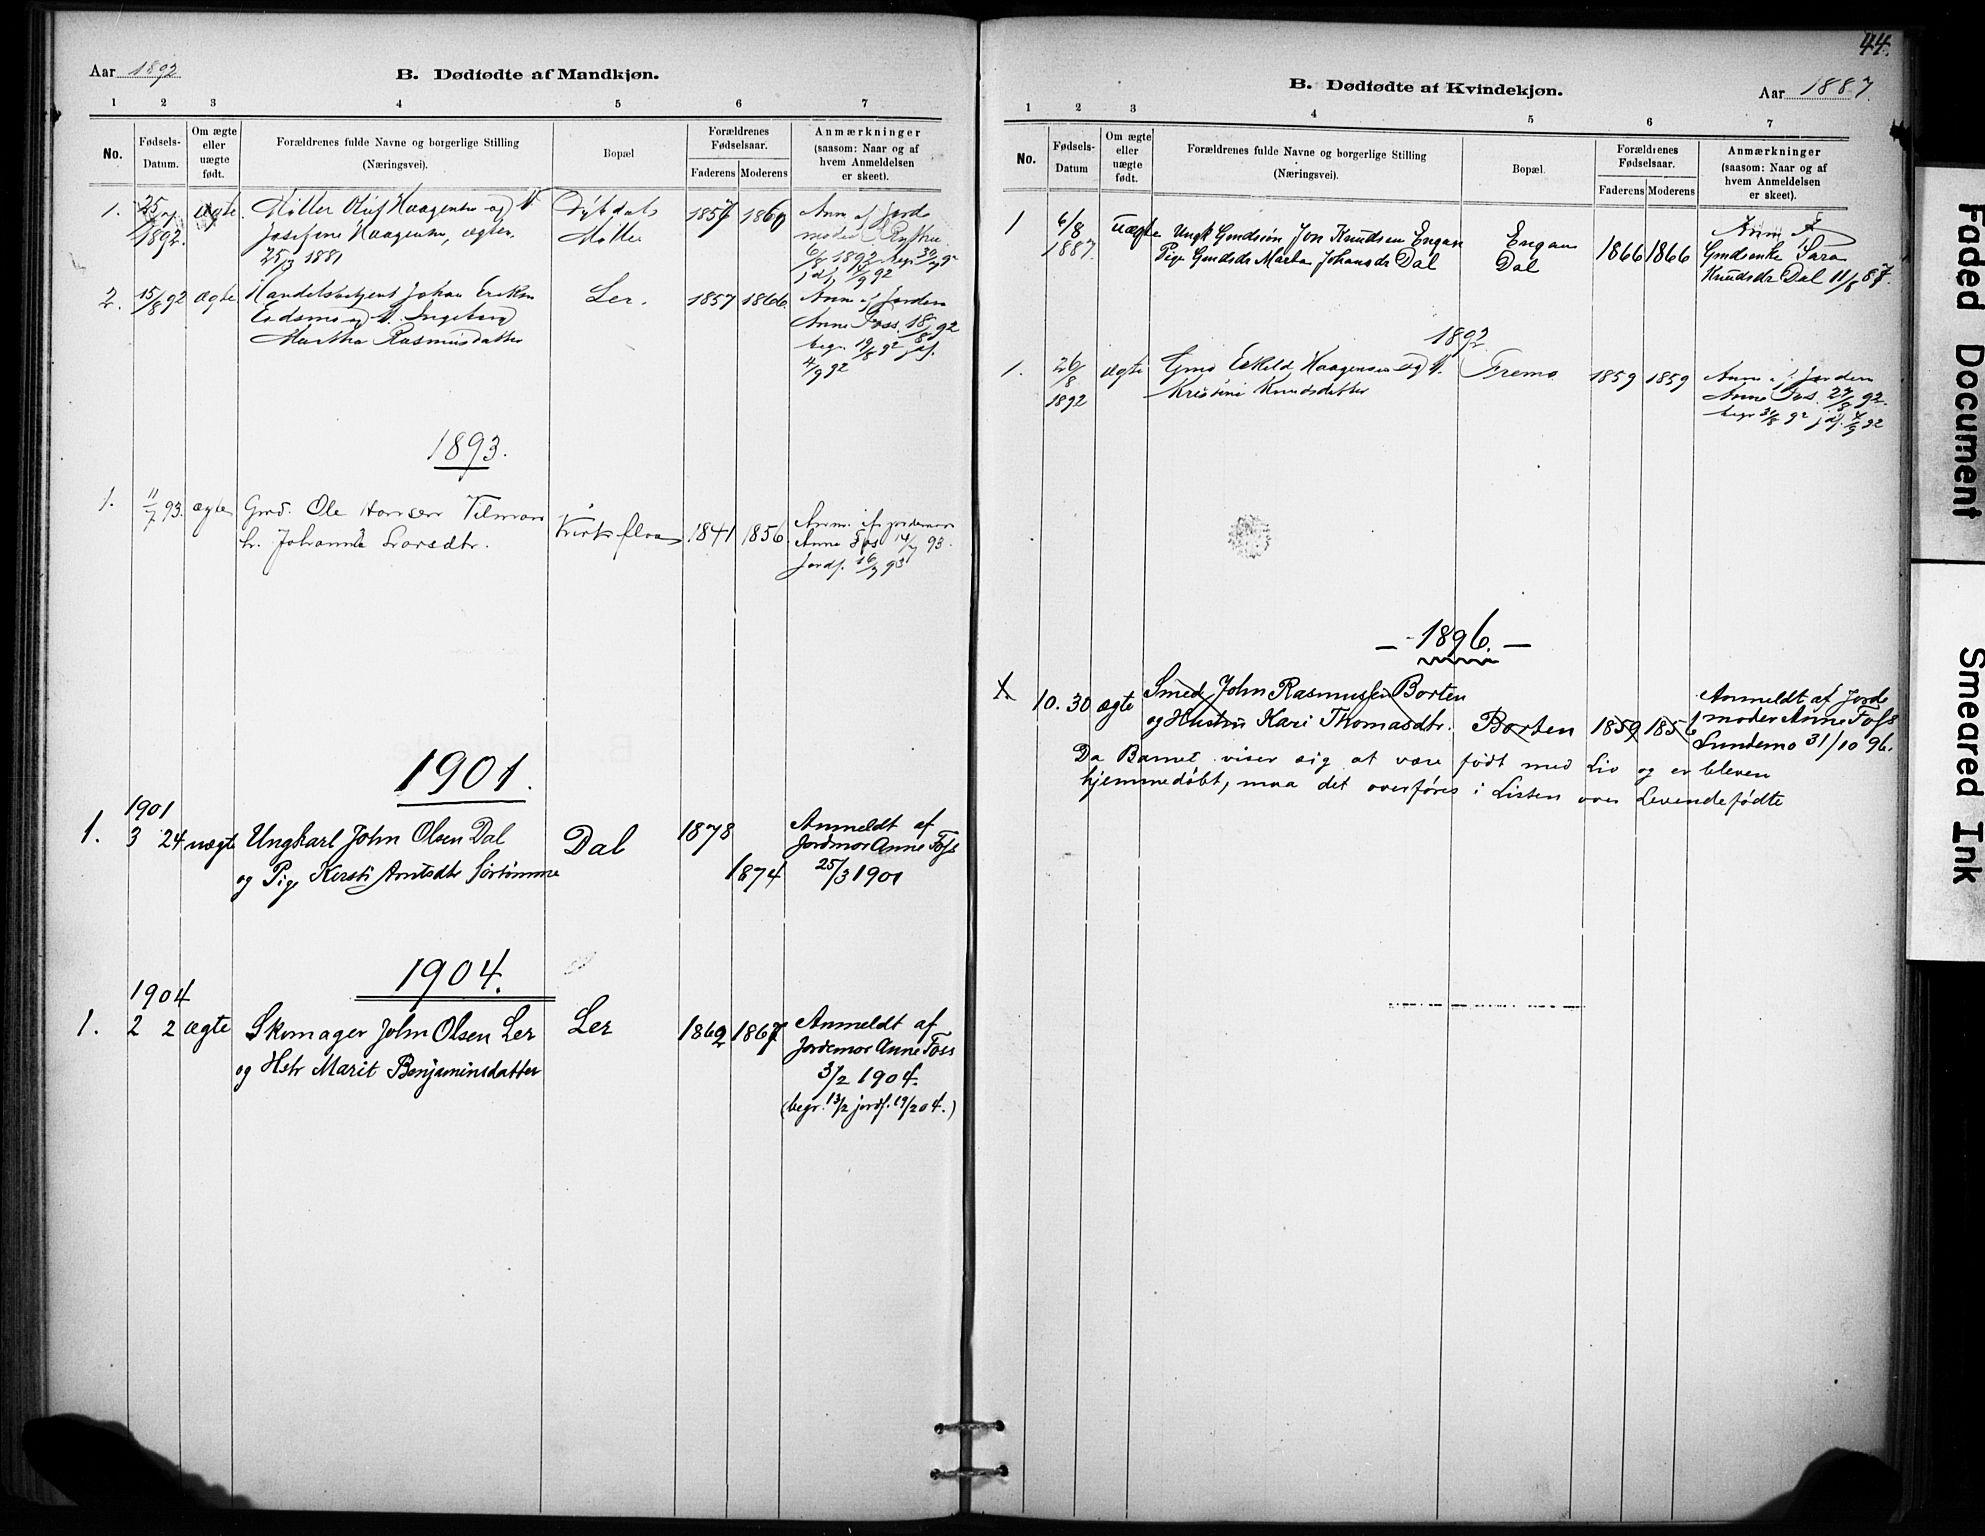 SAT, Ministerialprotokoller, klokkerbøker og fødselsregistre - Sør-Trøndelag, 693/L1119: Ministerialbok nr. 693A01, 1887-1905, s. 44